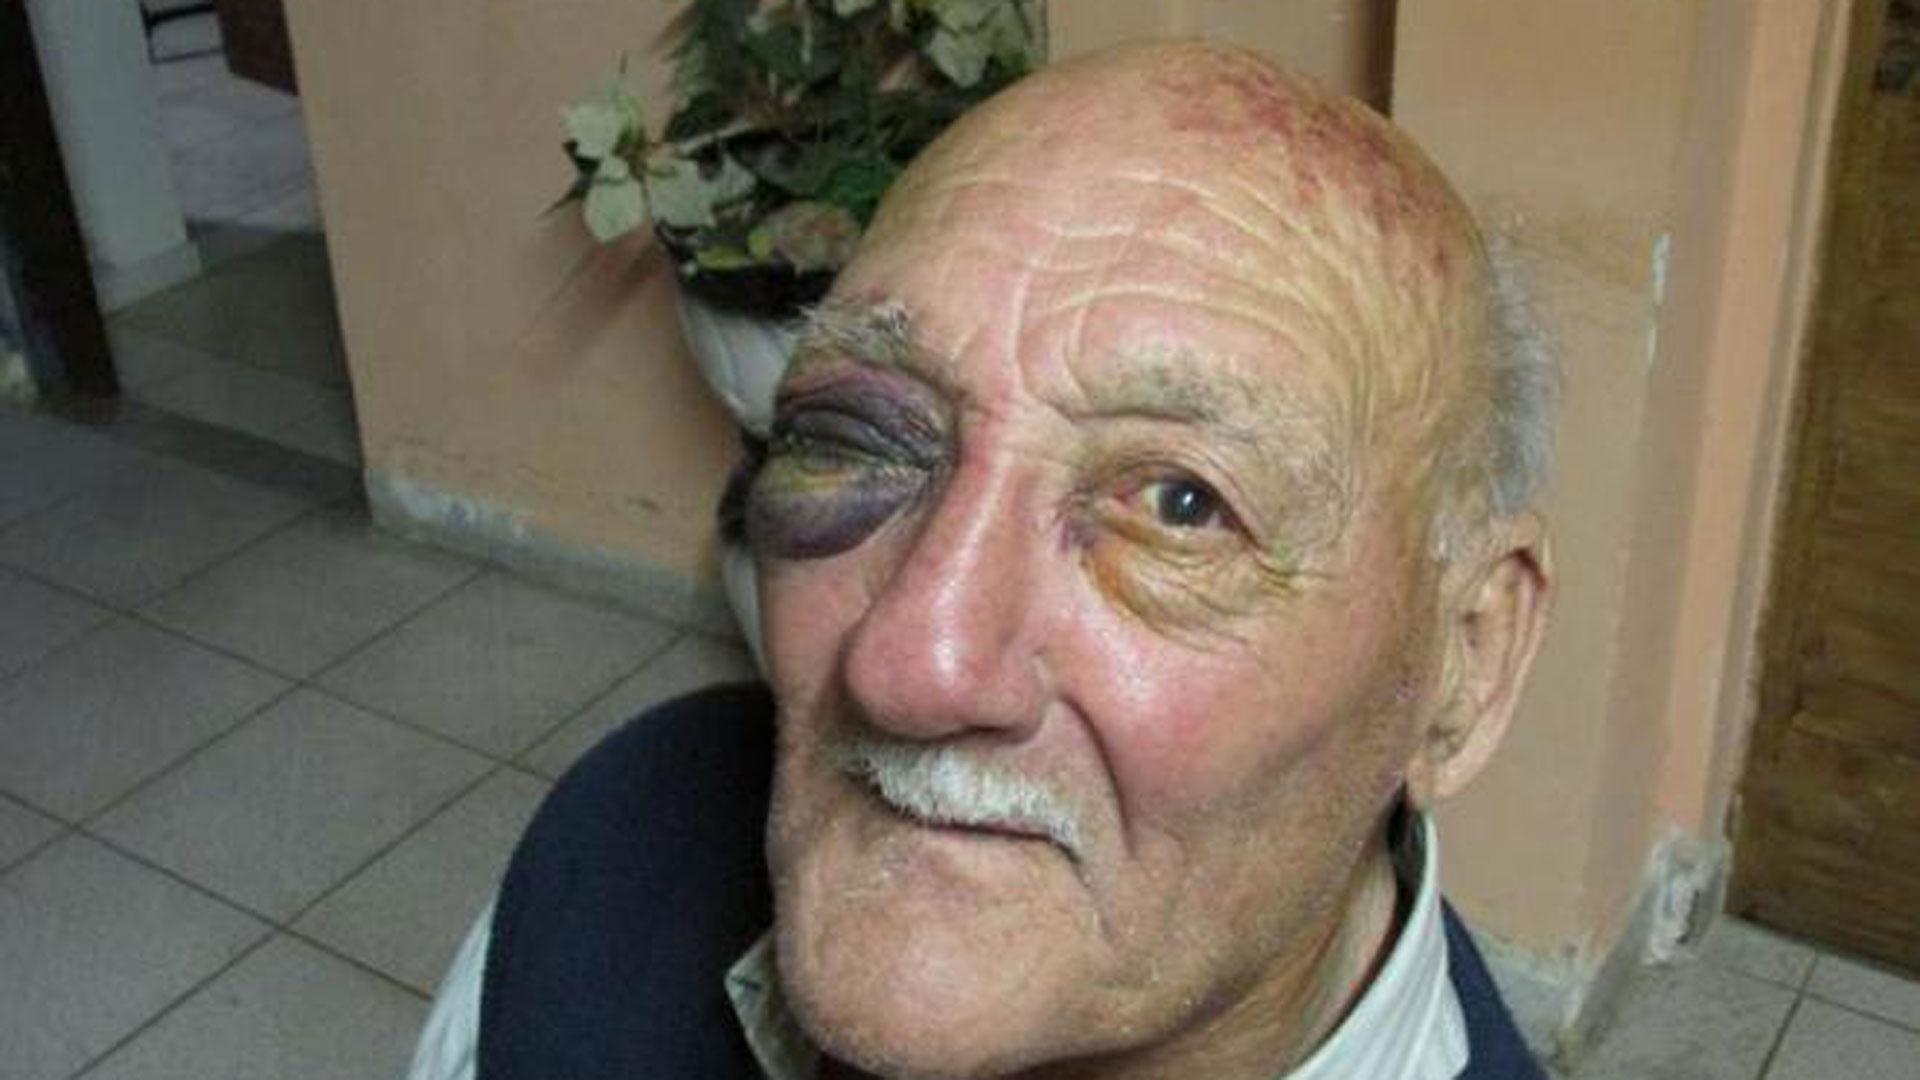 La imagen de uno de los tantos abuelos que son víctimas de la violencia (Cadena Nueve)